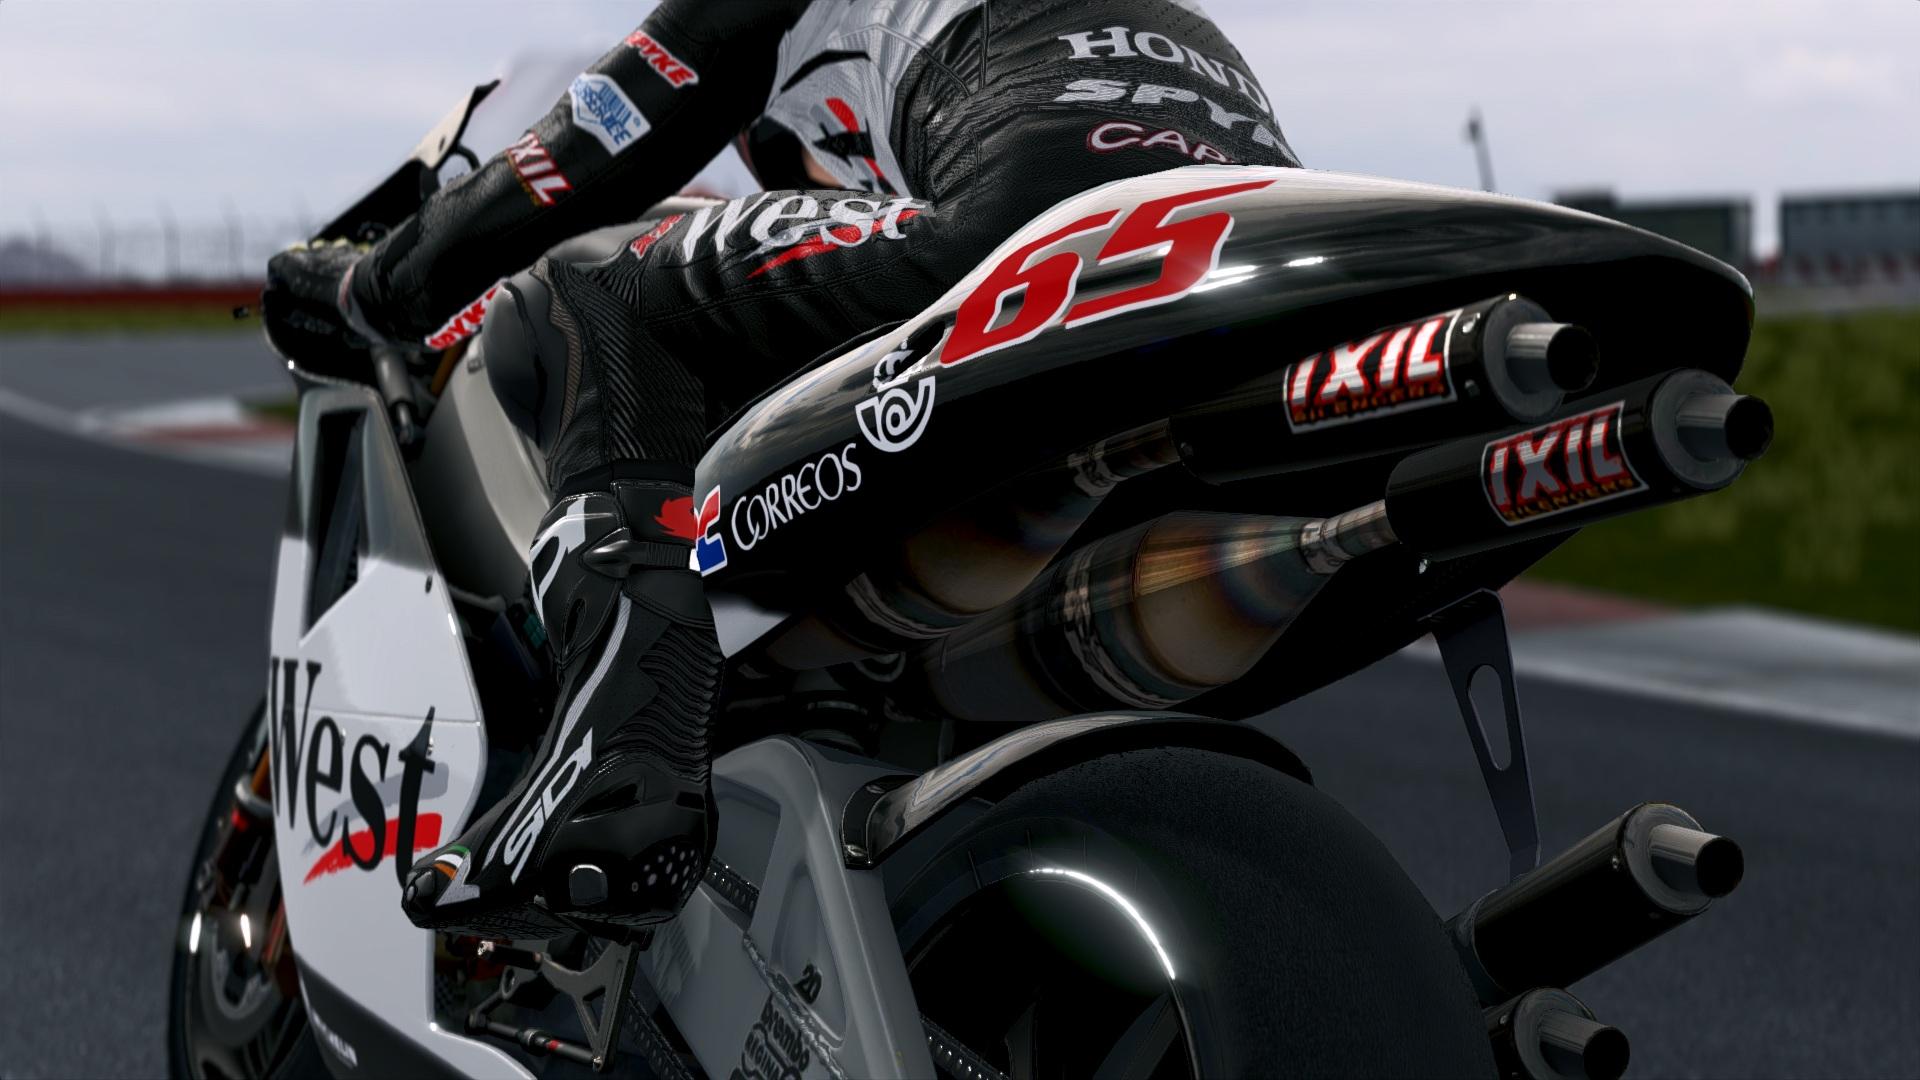 MotoGP14X64.exe_DX11_20140821_111635.jpg